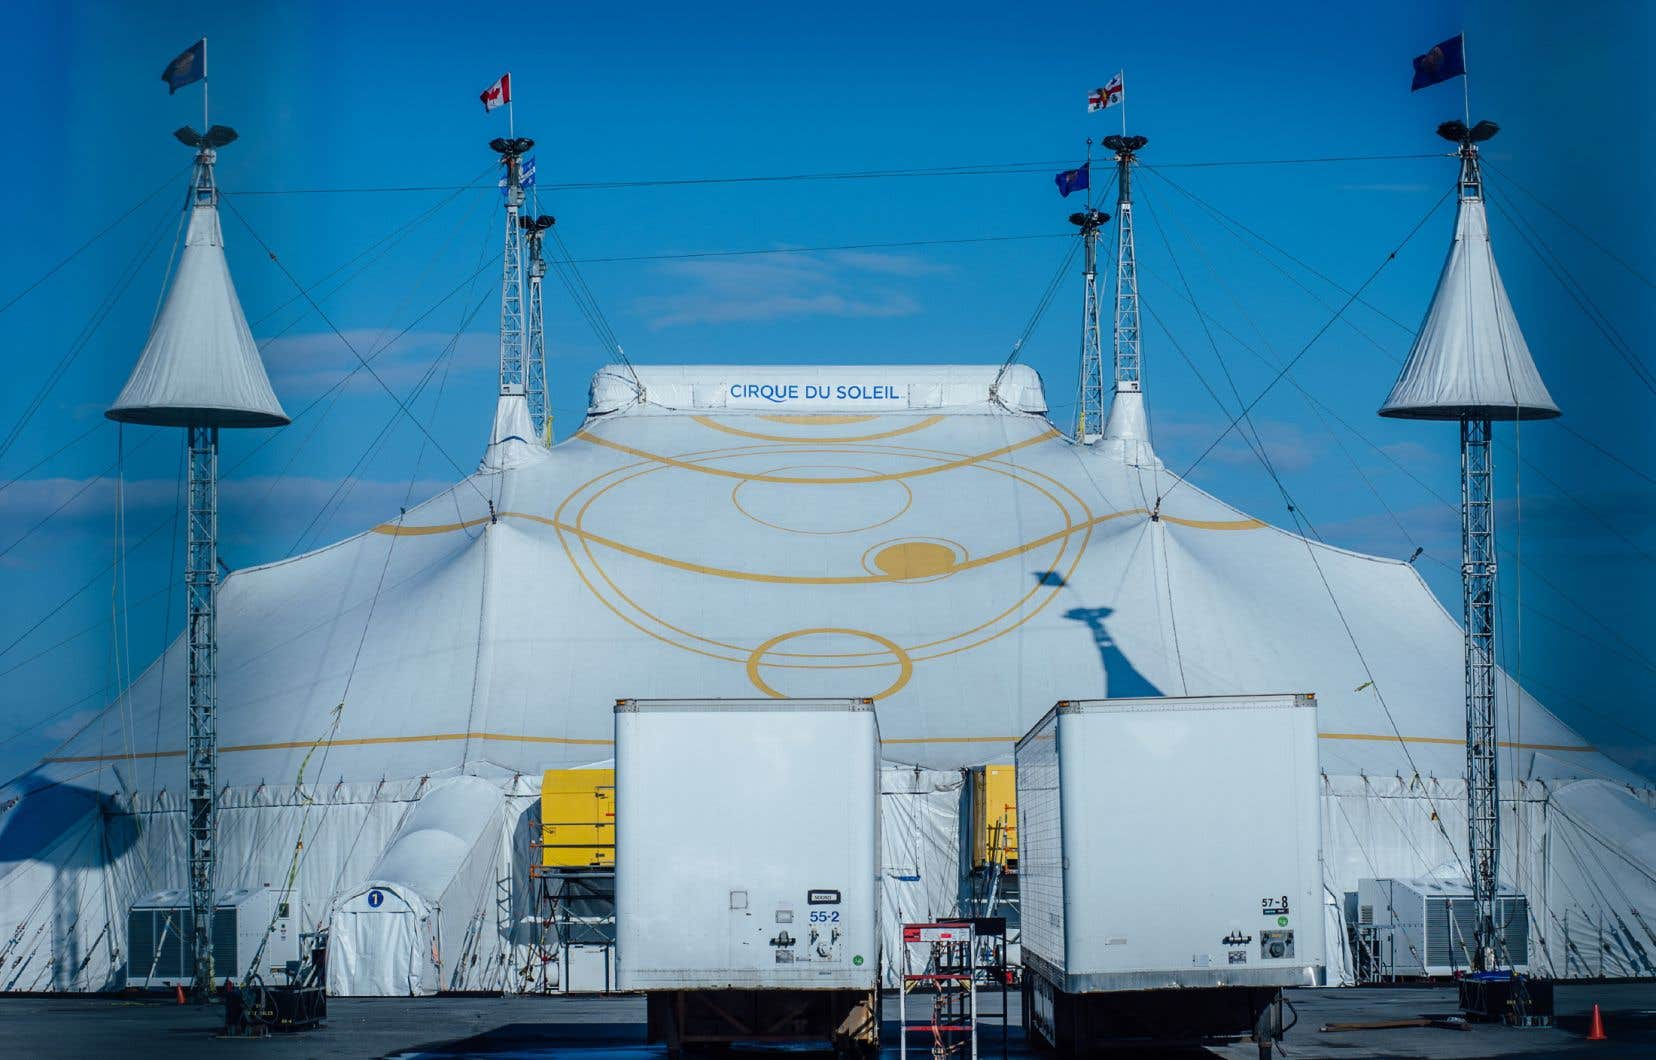 Le Cirque du Soleil, dont on voit ici le chapiteau du Vieux-Port de Montréal, ne génère aucun revenu puisque ses activités sont paralysées en raison de la crise sanitaire provoquée par la pandémie de COVID-19